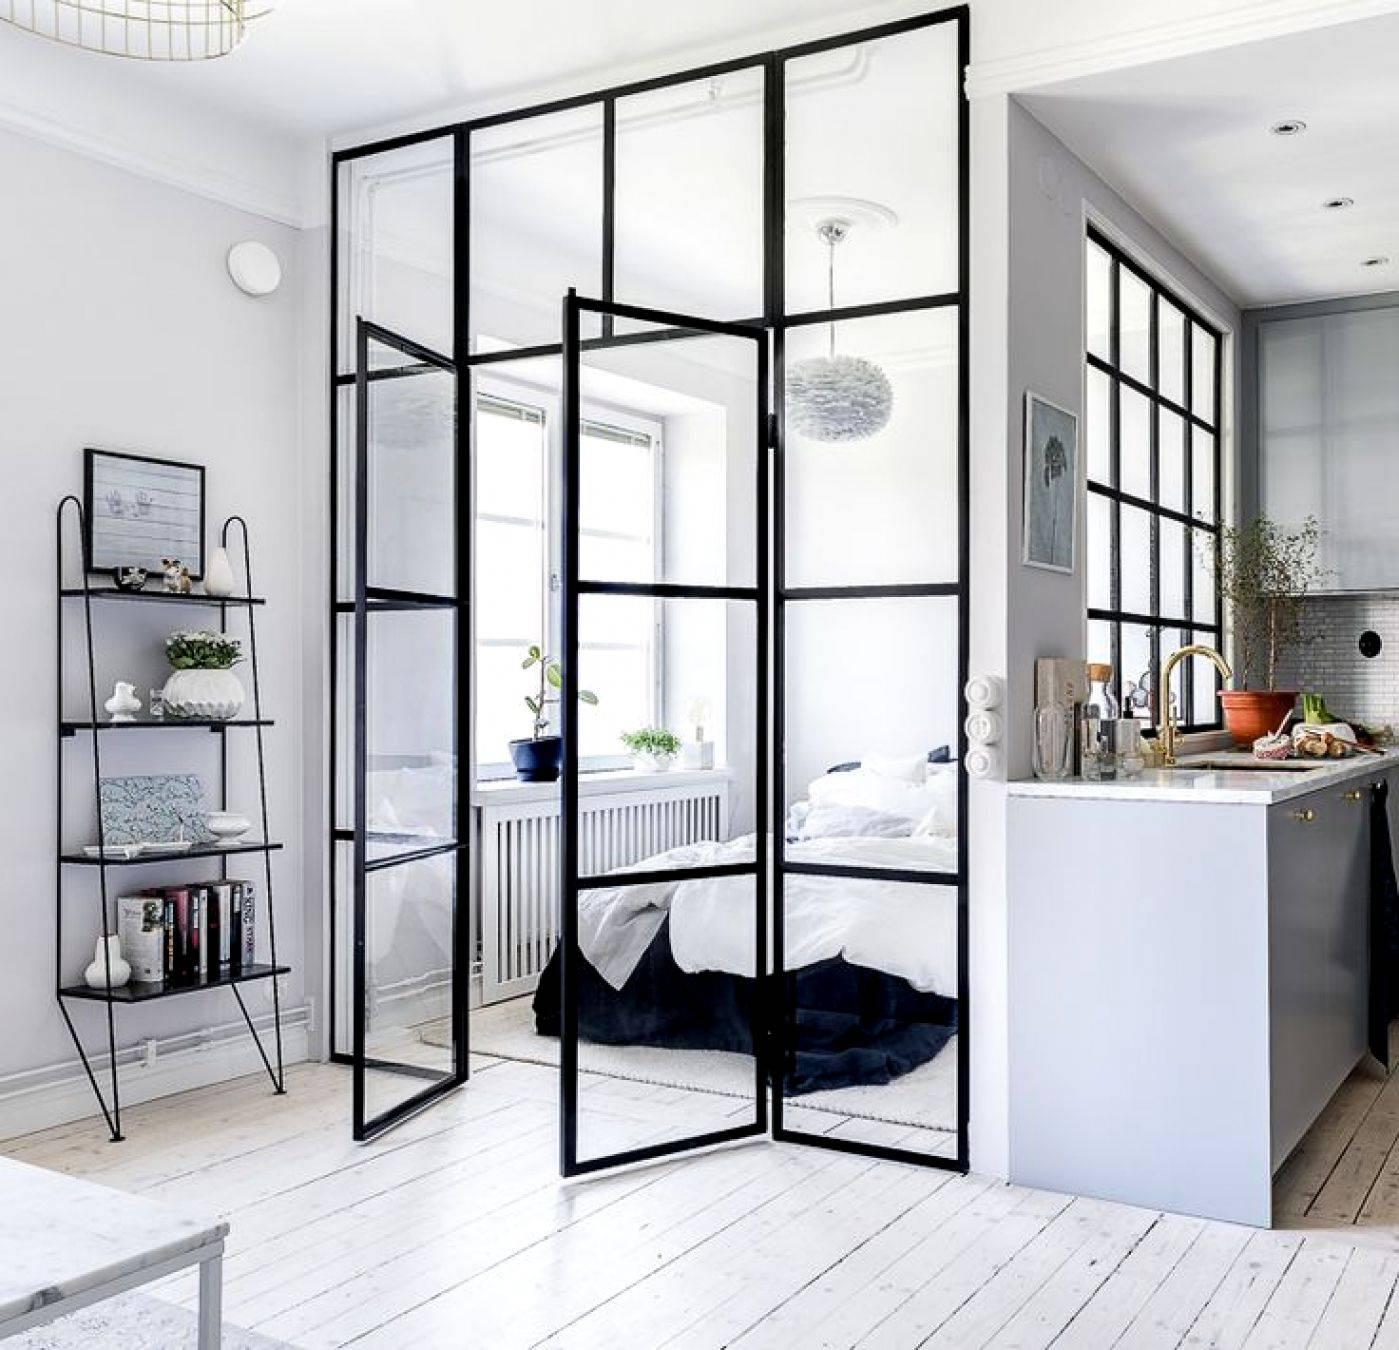 10 mẫu phòng ngủ lý tưởng với vách ngăn bằng kính với không gian còn lại trong nhà - Ảnh 6.